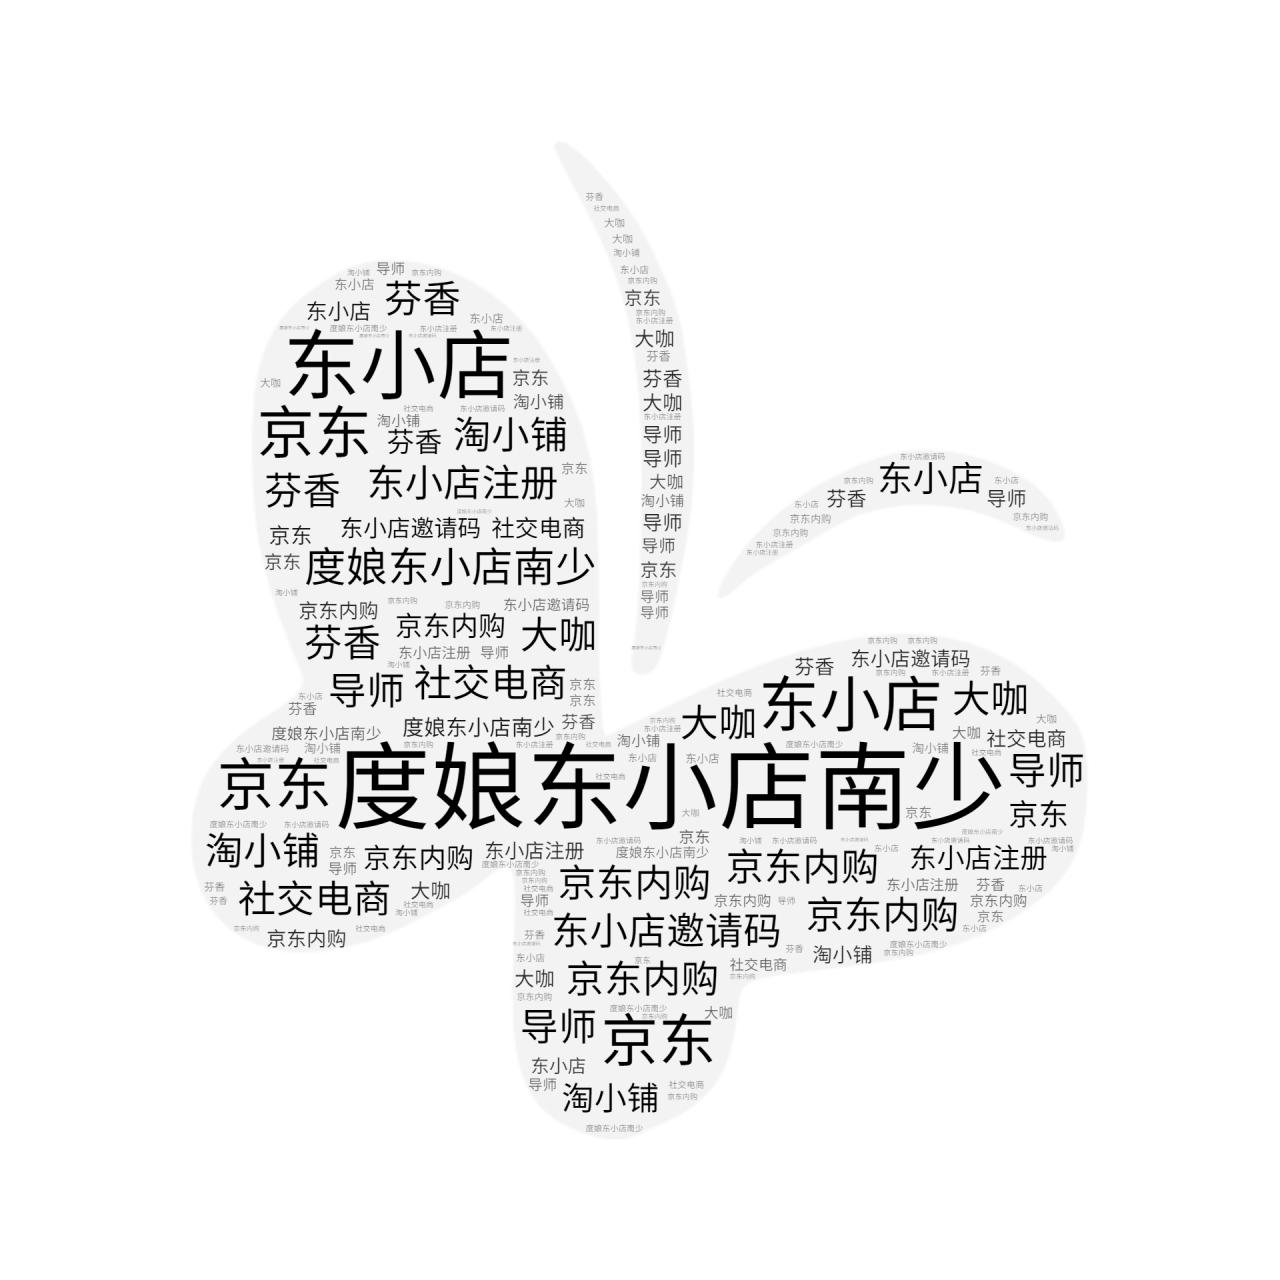 东小店南少:普通人做东小店社交电商,能不能实现财务自由?插图2